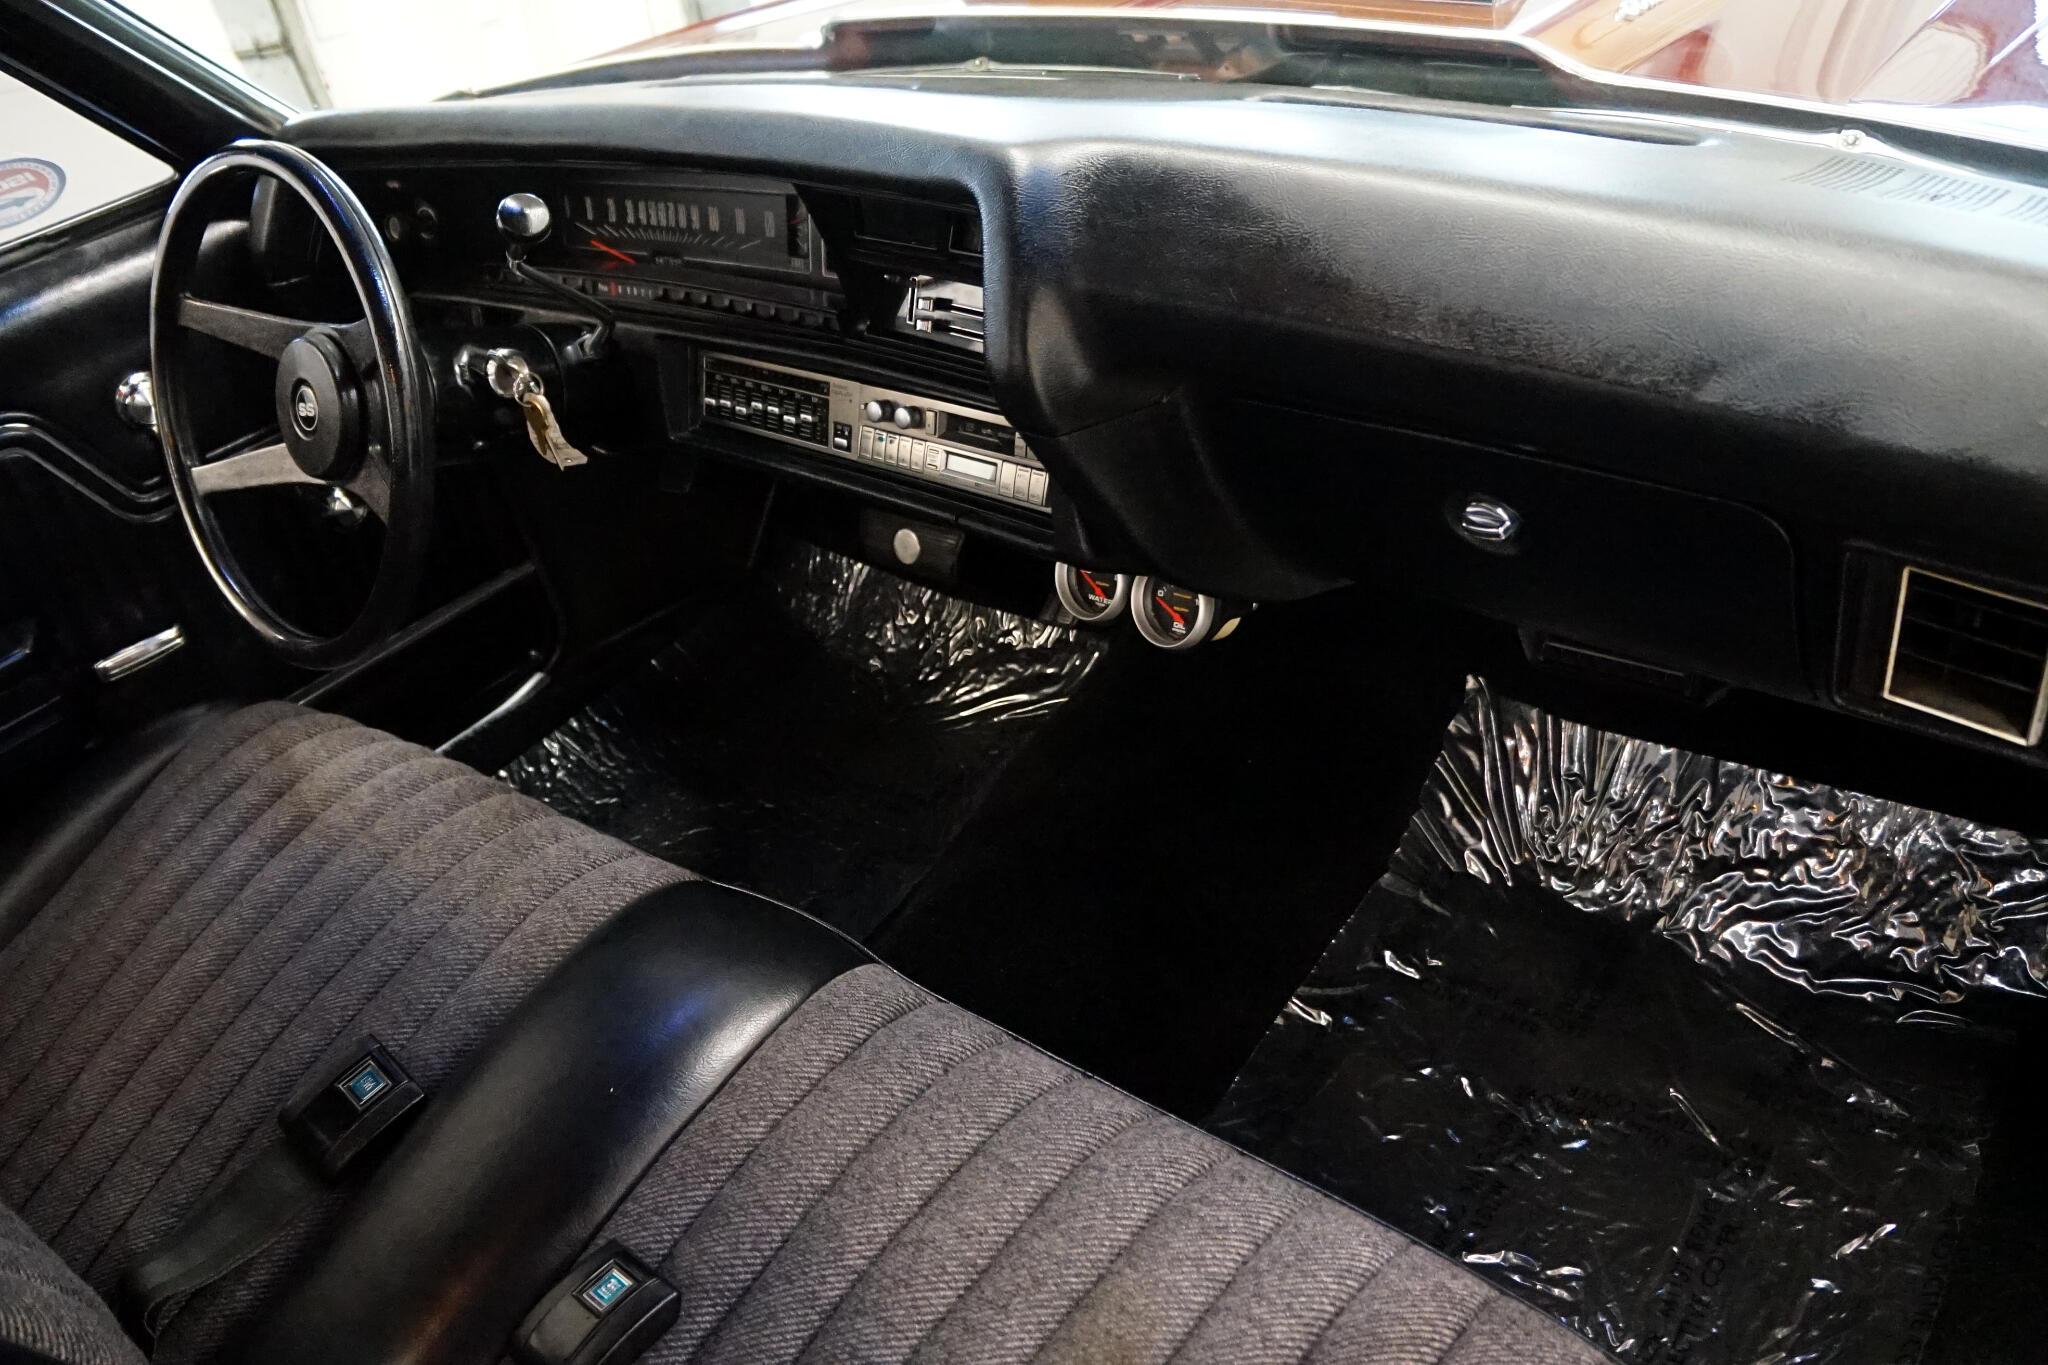 1971 Chevrolet El Camino SS Style